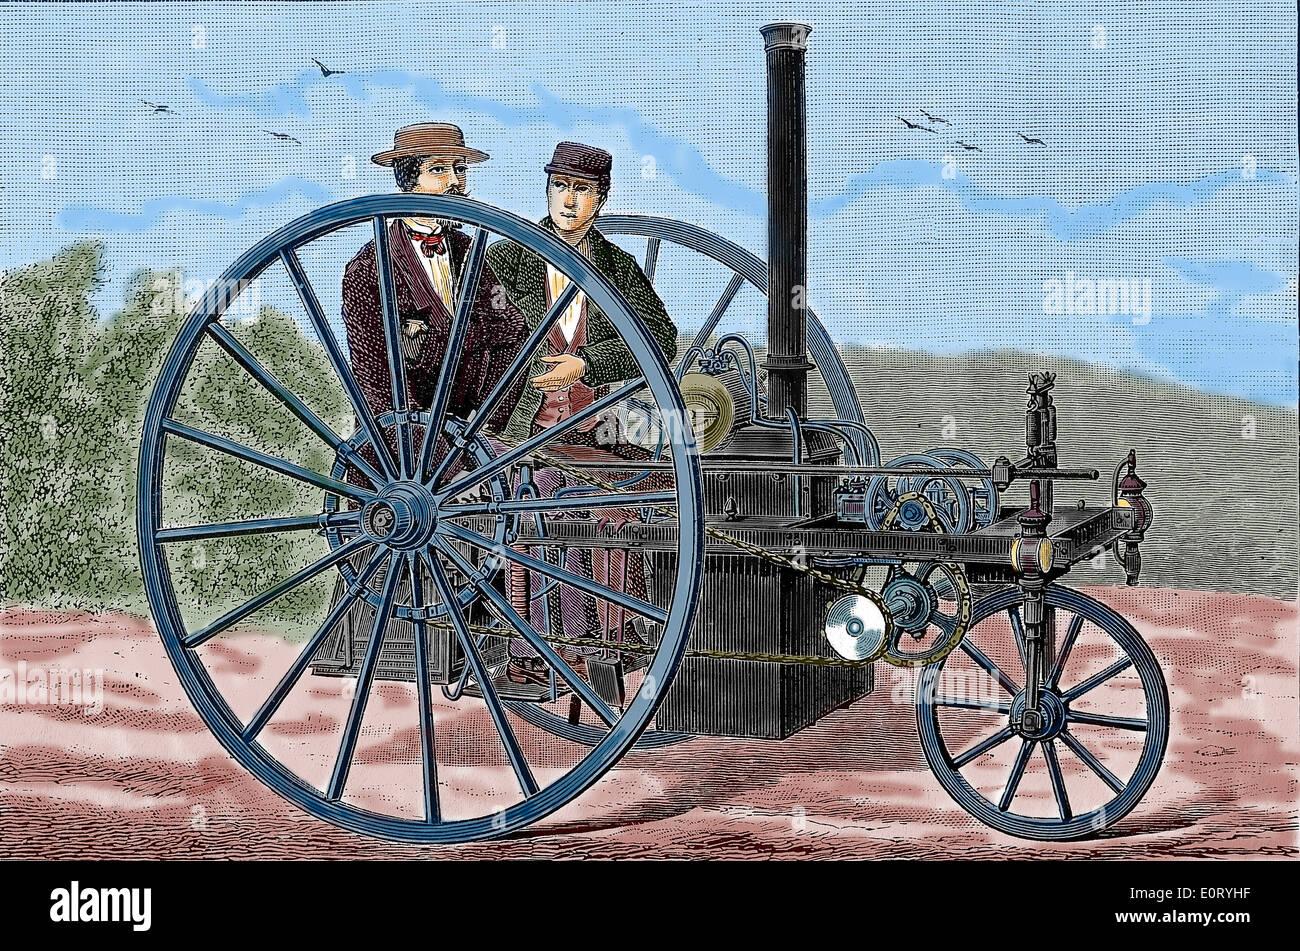 La historia del automóvil. Los vehículos automotores de vapor. Grabado del siglo XIX. Posteriormente coloración. Imagen De Stock